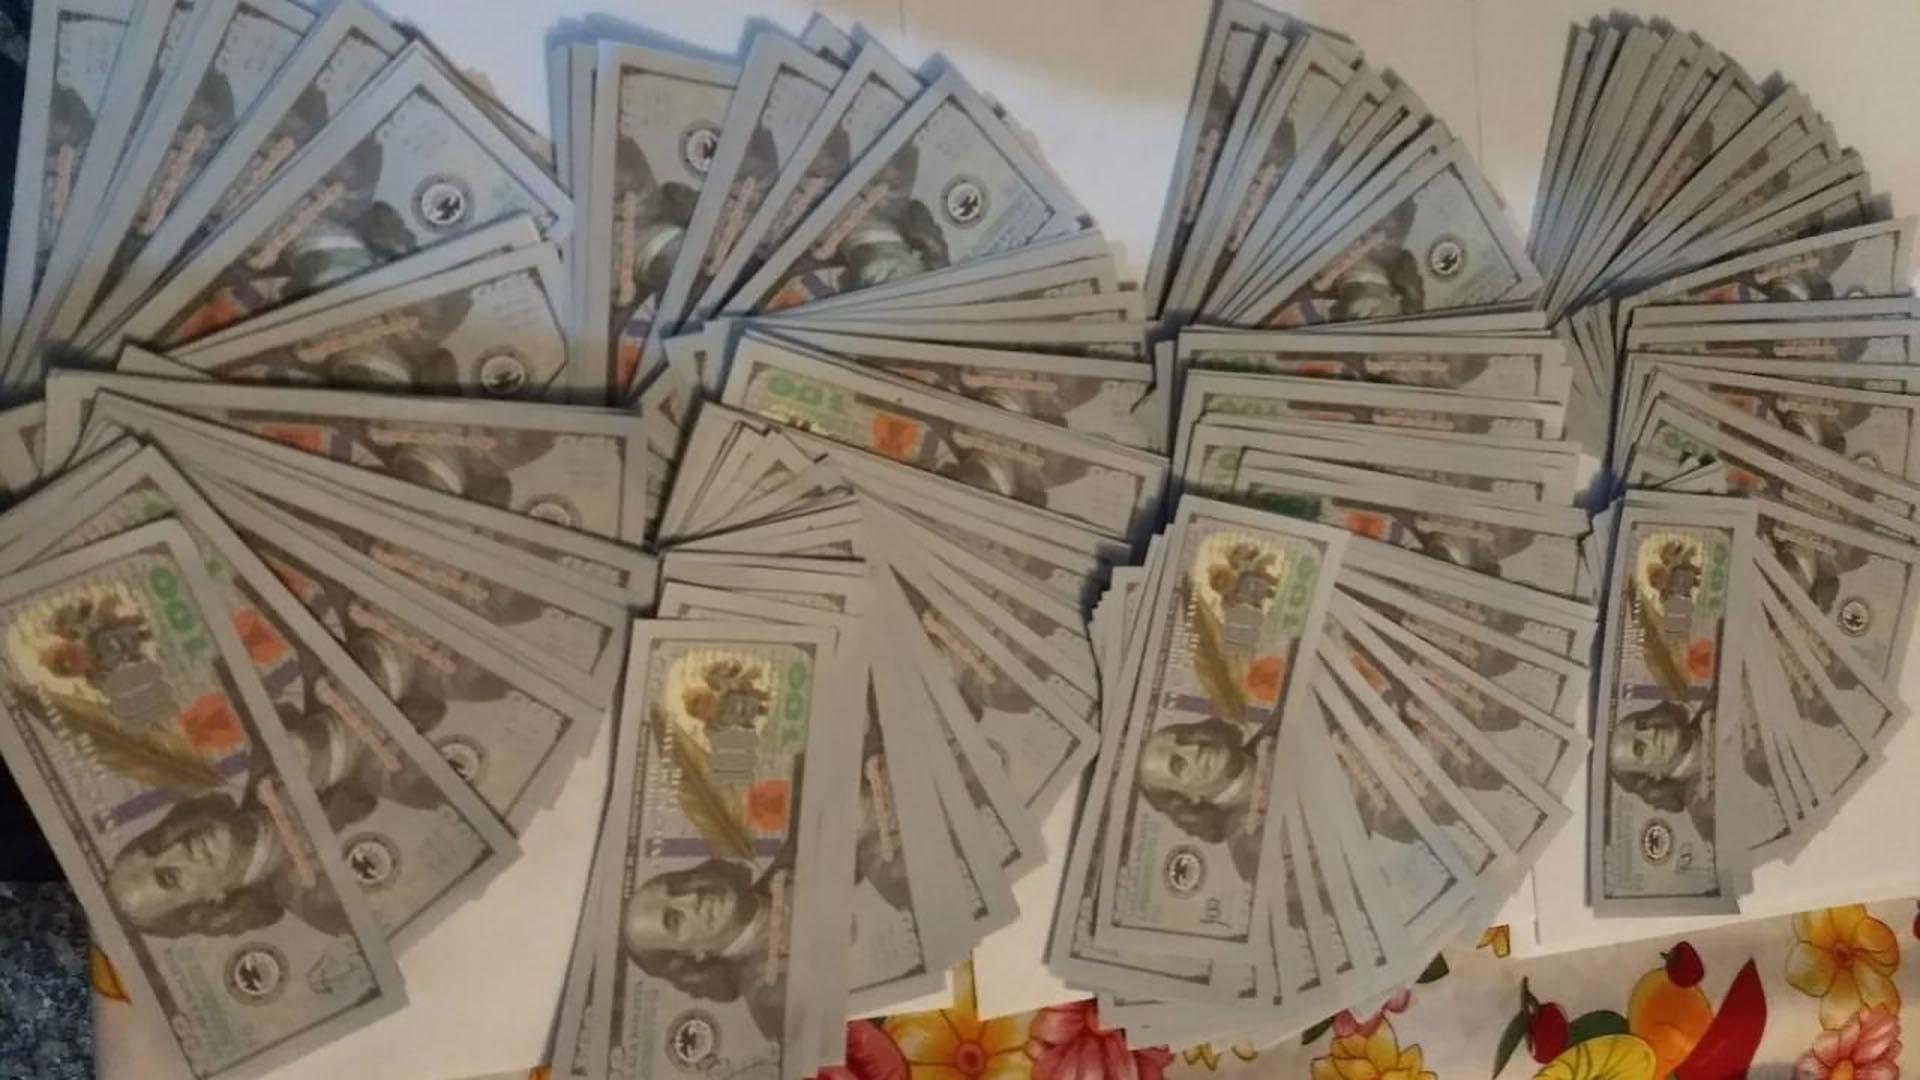 Gracias a la pésima calidad de los billetes falsos, el manosanta evita se acusado del delito de falsificación.